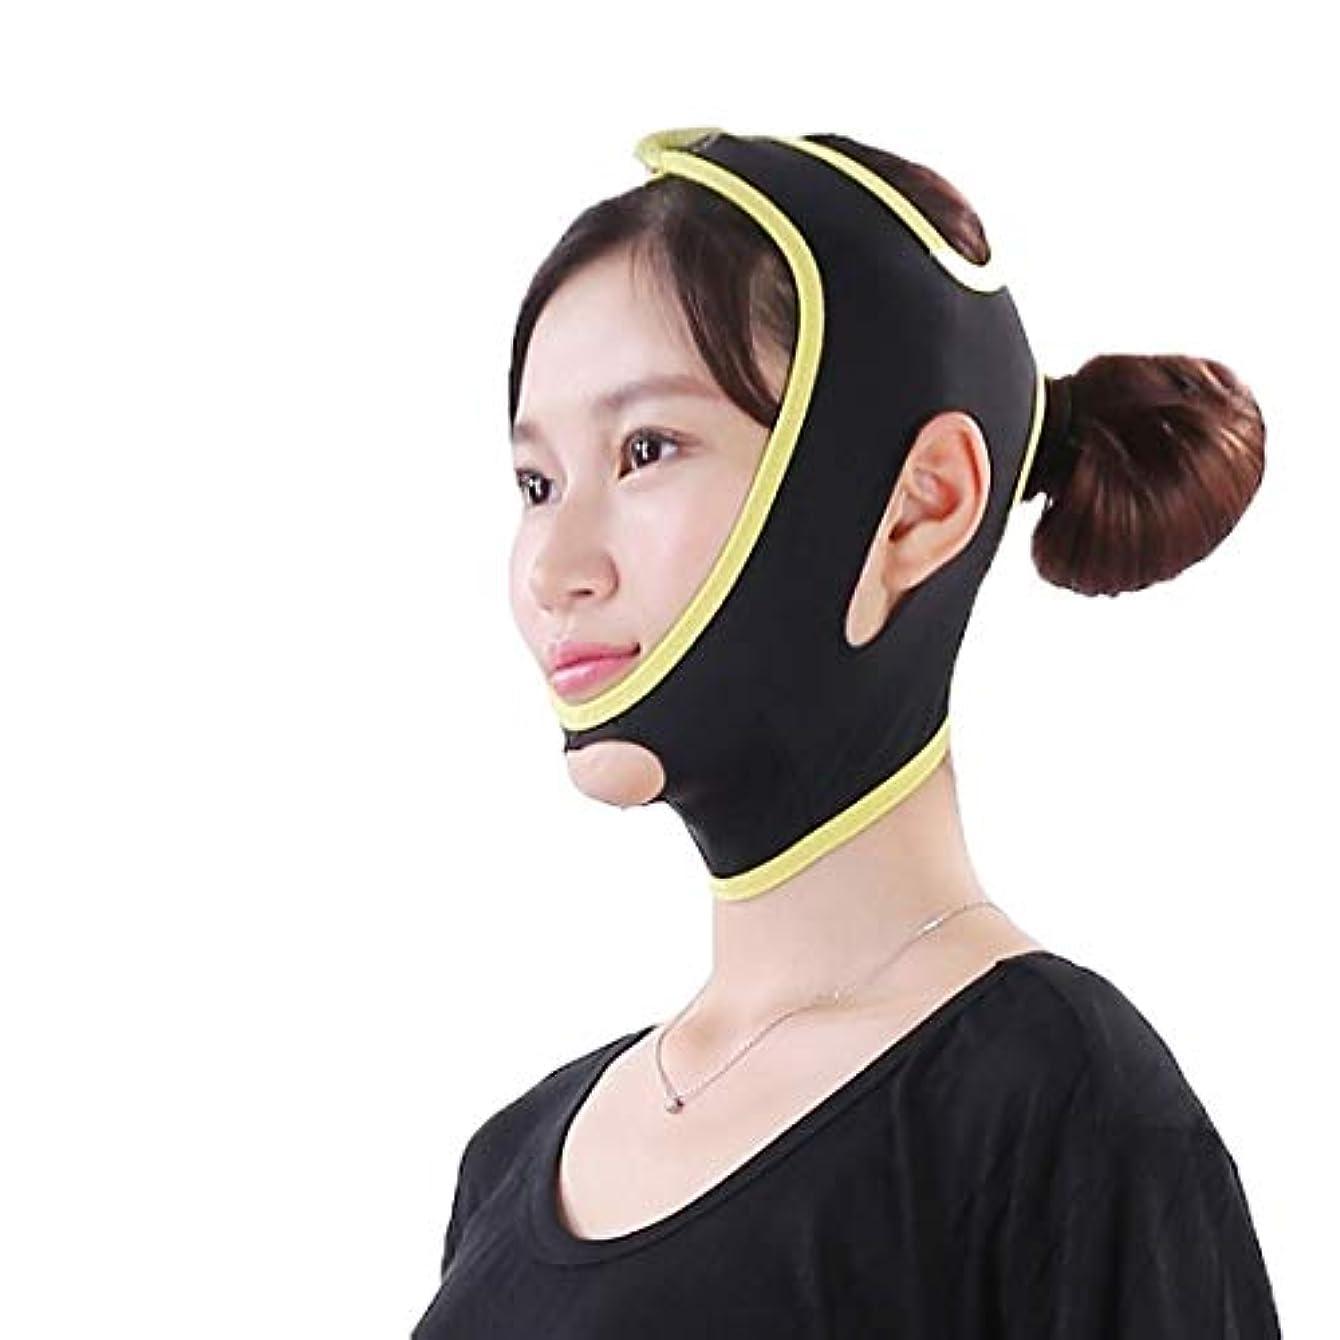 玉国際言語学ZWBD フェイスマスク, 薄型フェイス包帯小型Vフェイス包帯薄型フェイスマスクリフティングハンギングイヤー通気性ビームフェイスマスクブラック